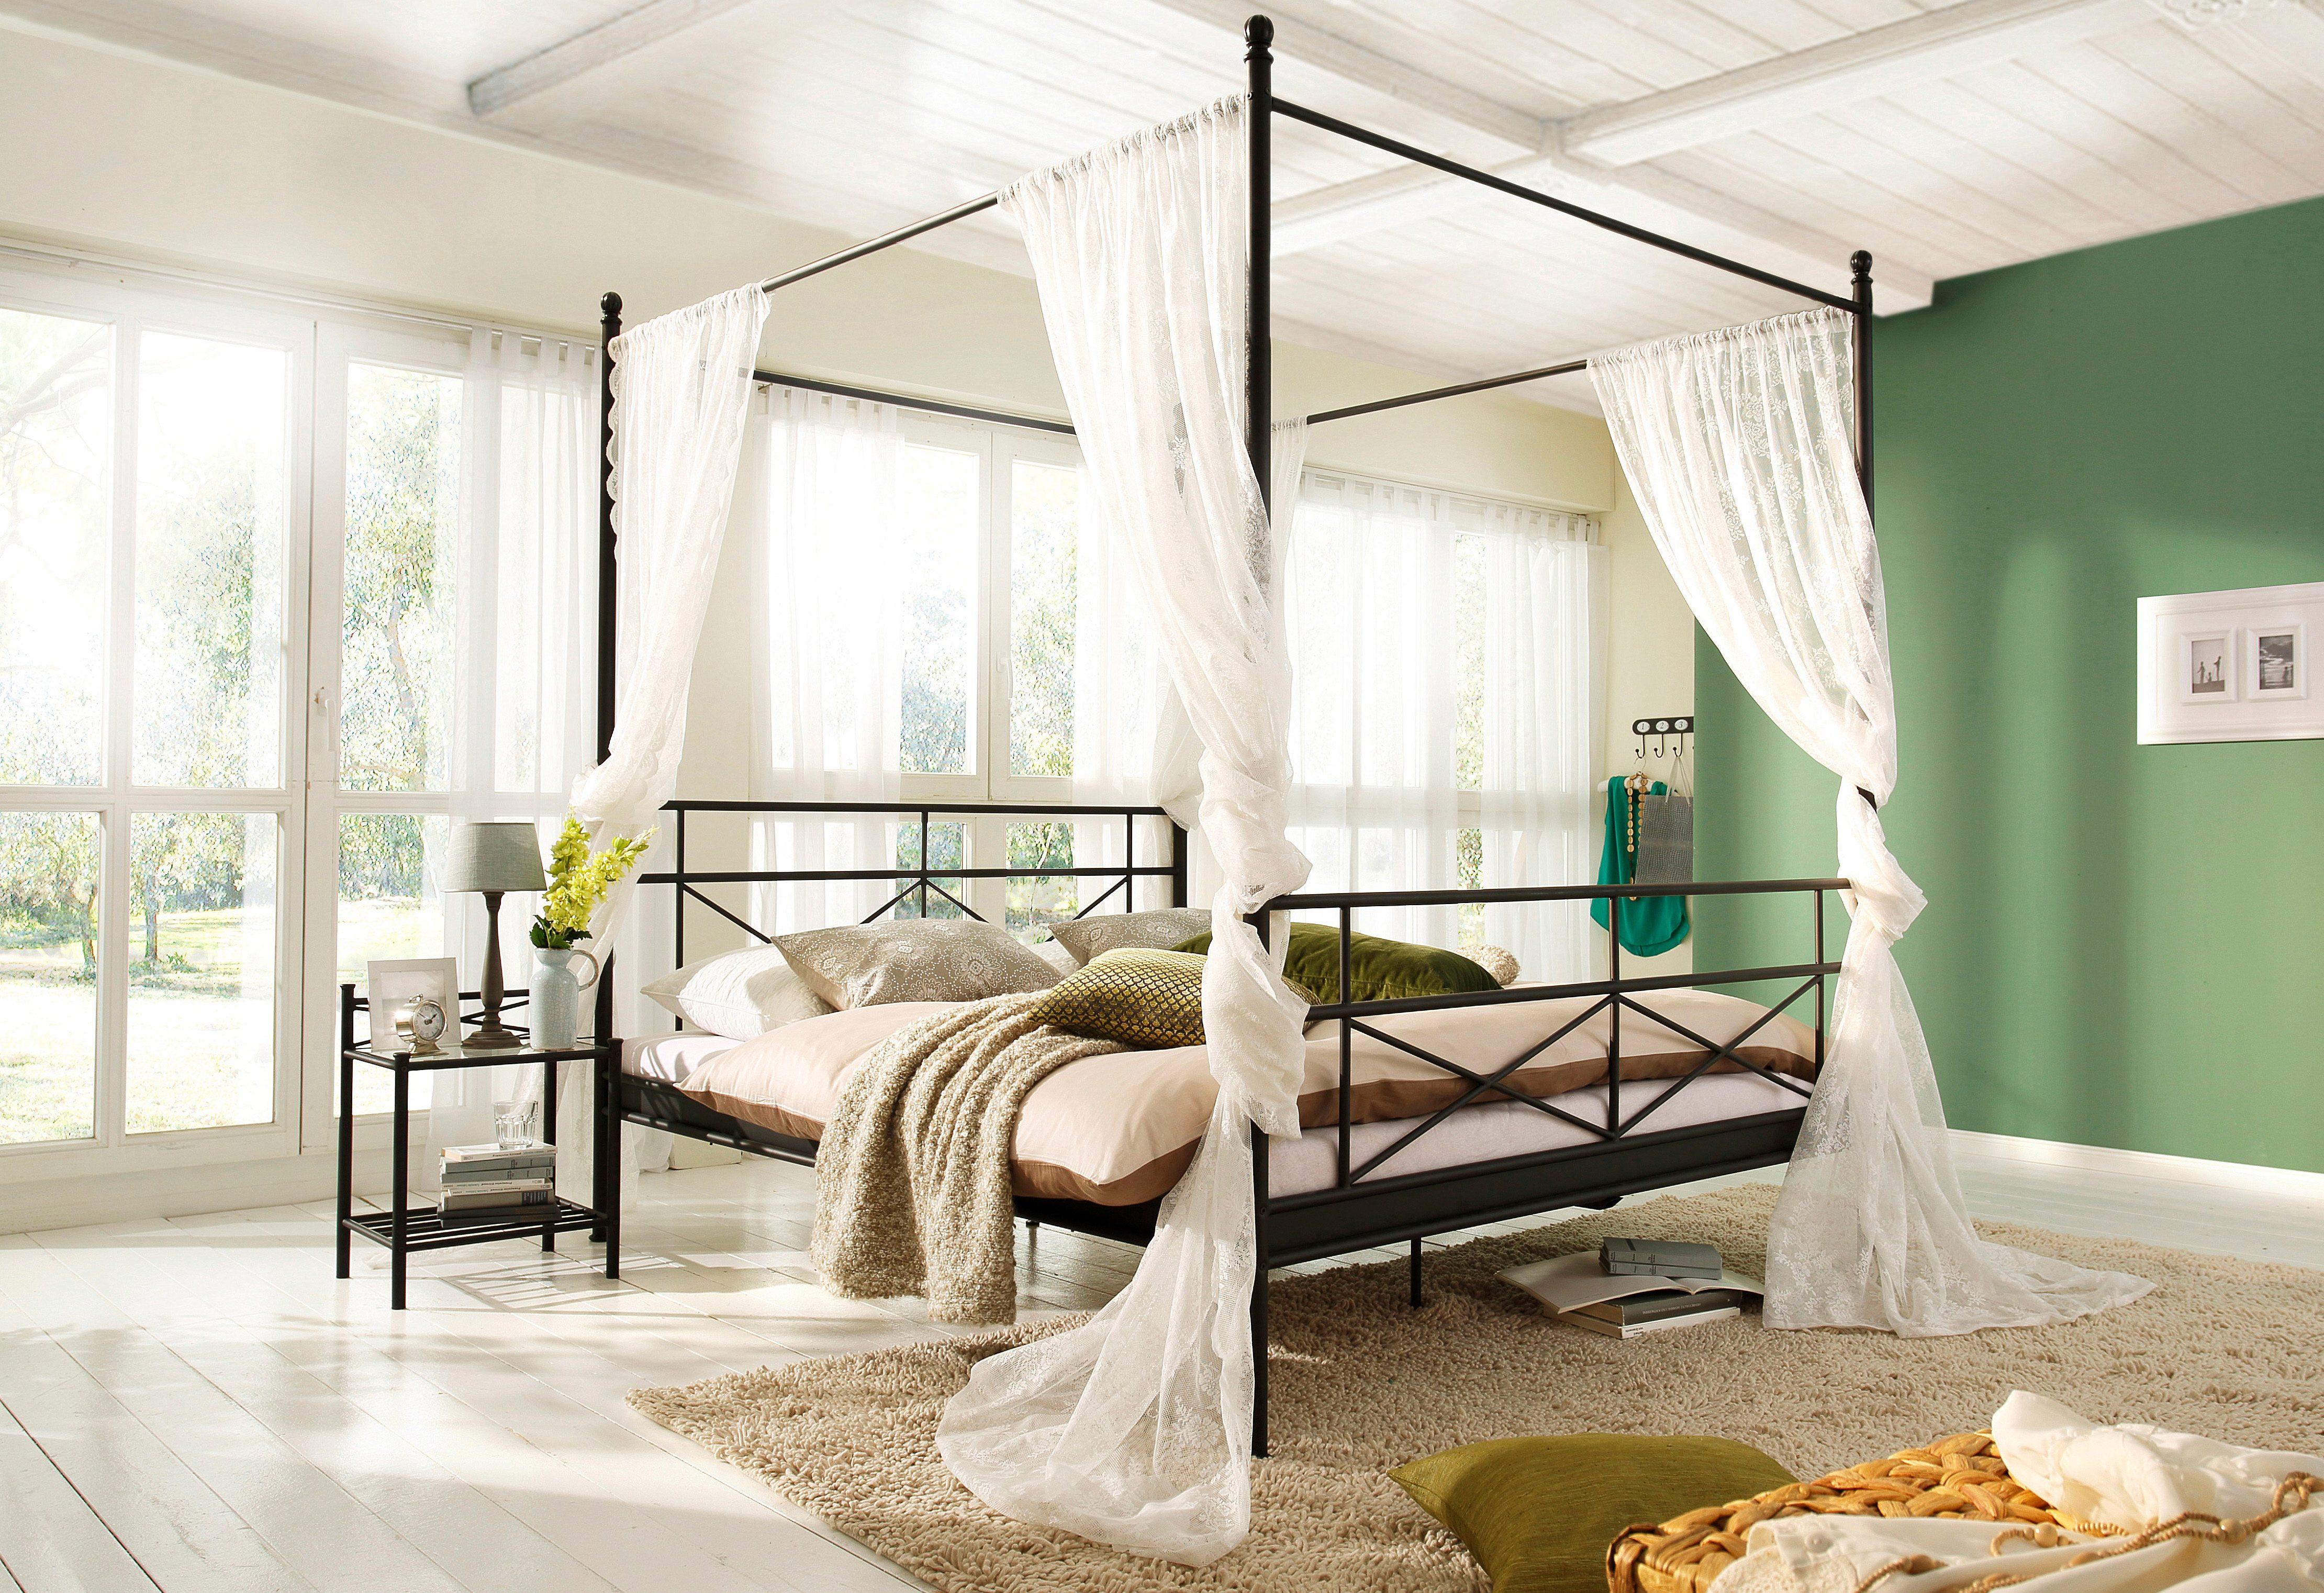 Hemelbed In Slaapkamer : Blauwe slaapkamer hemelbed beste ideeën over hemelbed